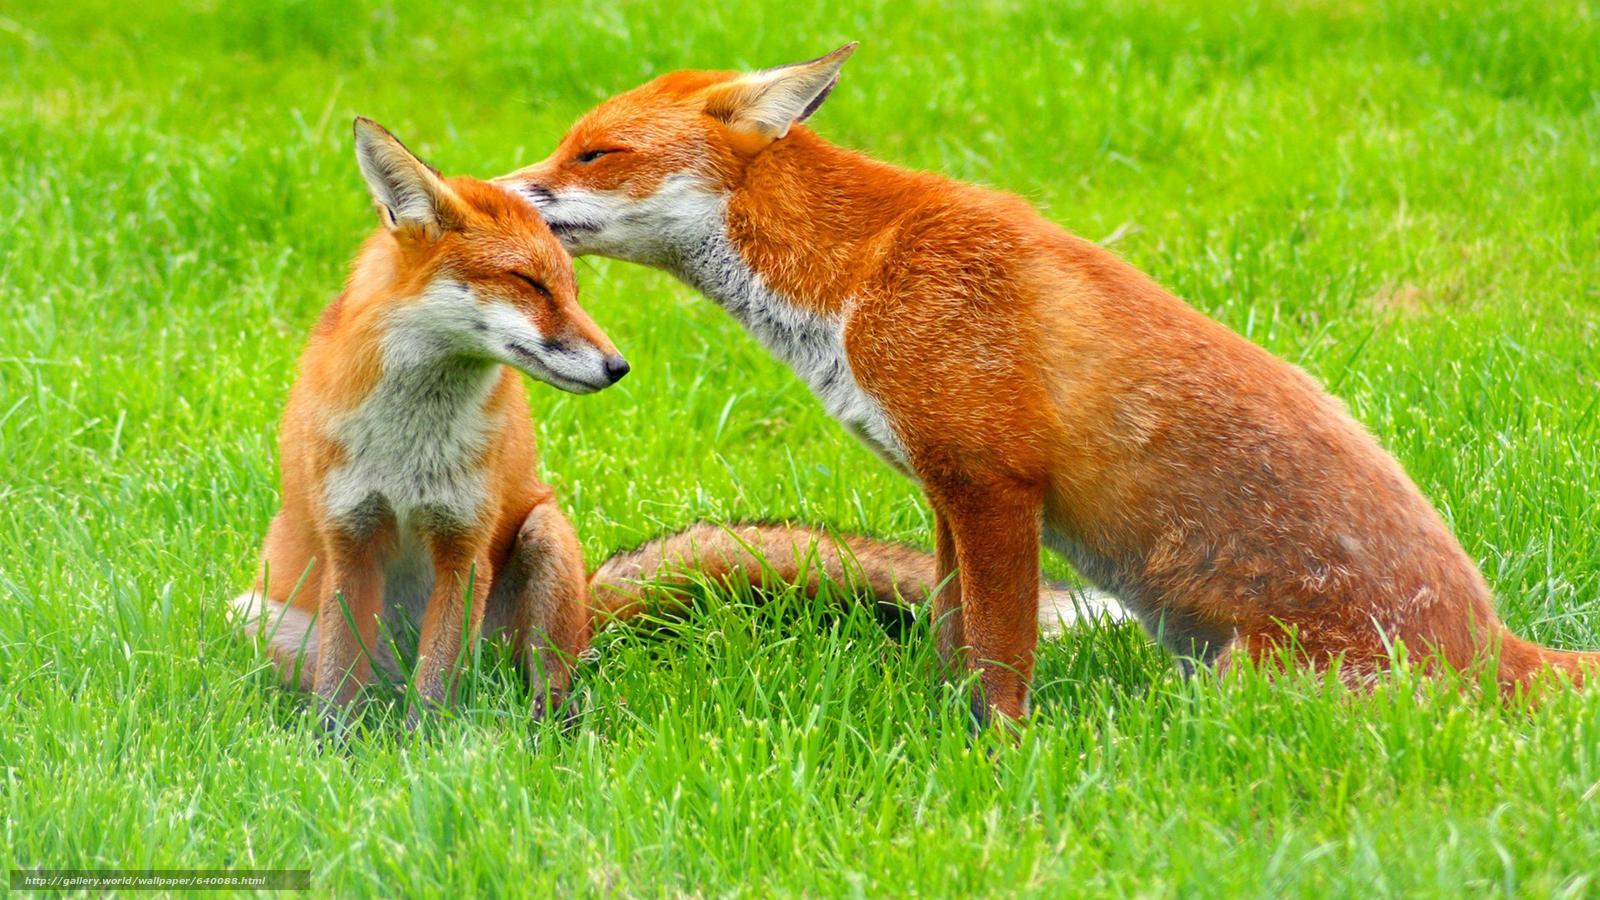 下载壁纸 狐狸,  狐狸,  狐狸,  大鳄 免费为您的桌面分辨率的壁纸 1920x1080 — 图片 №640088